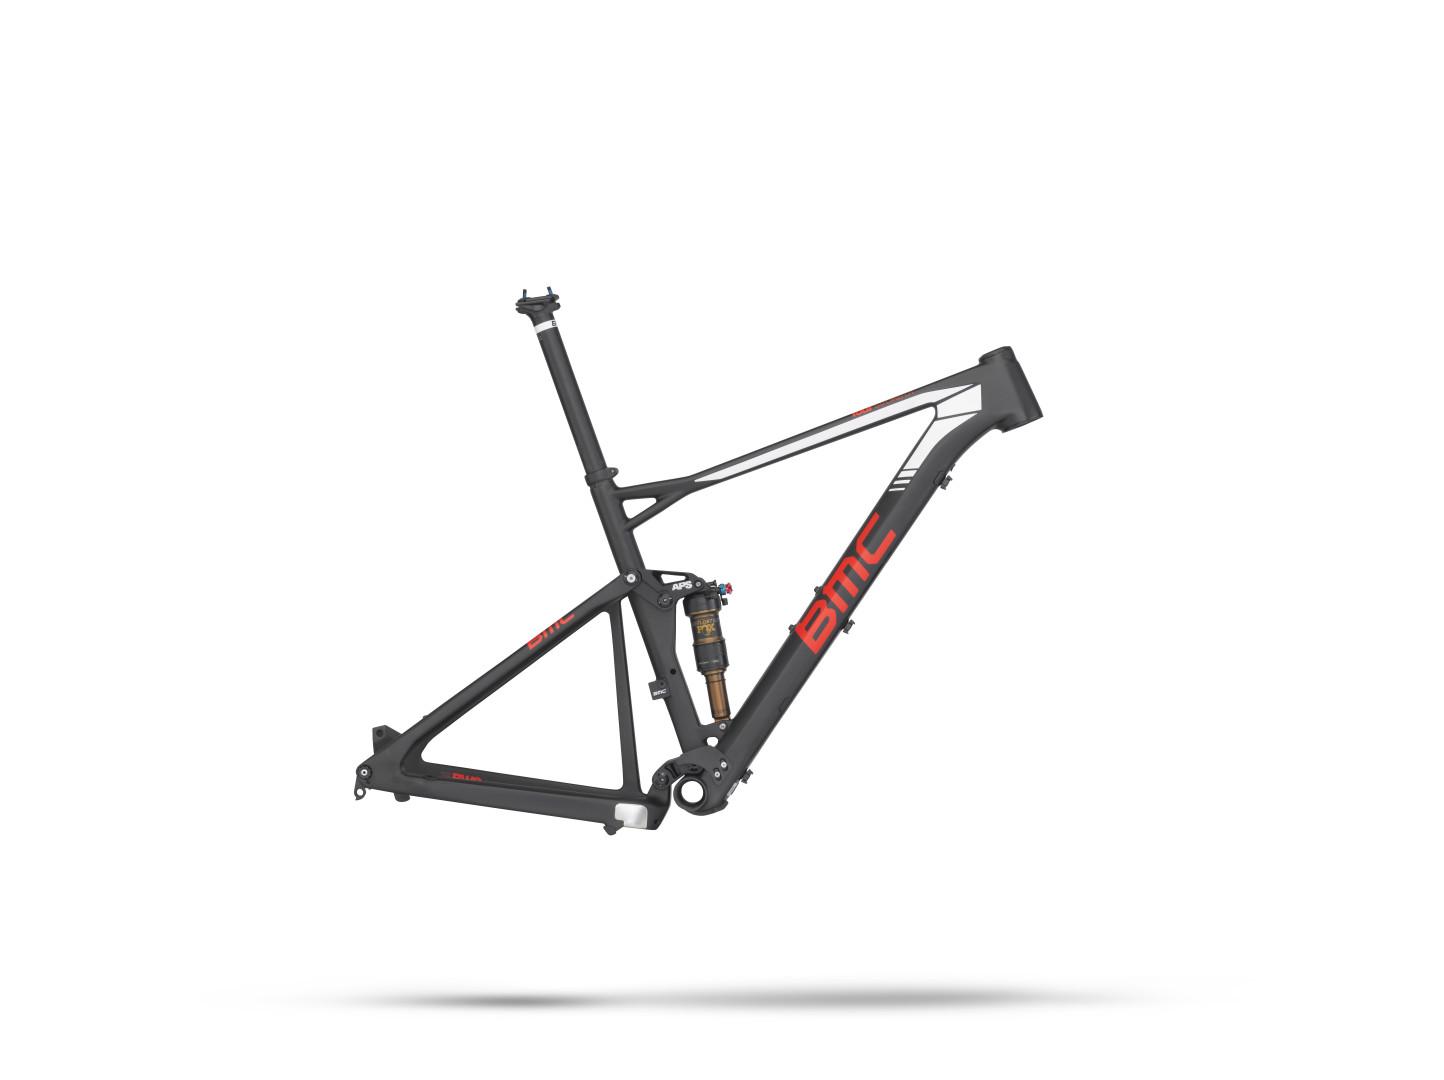 Rowery górskie BMC fourstroke w nowej odsłonie [PR]